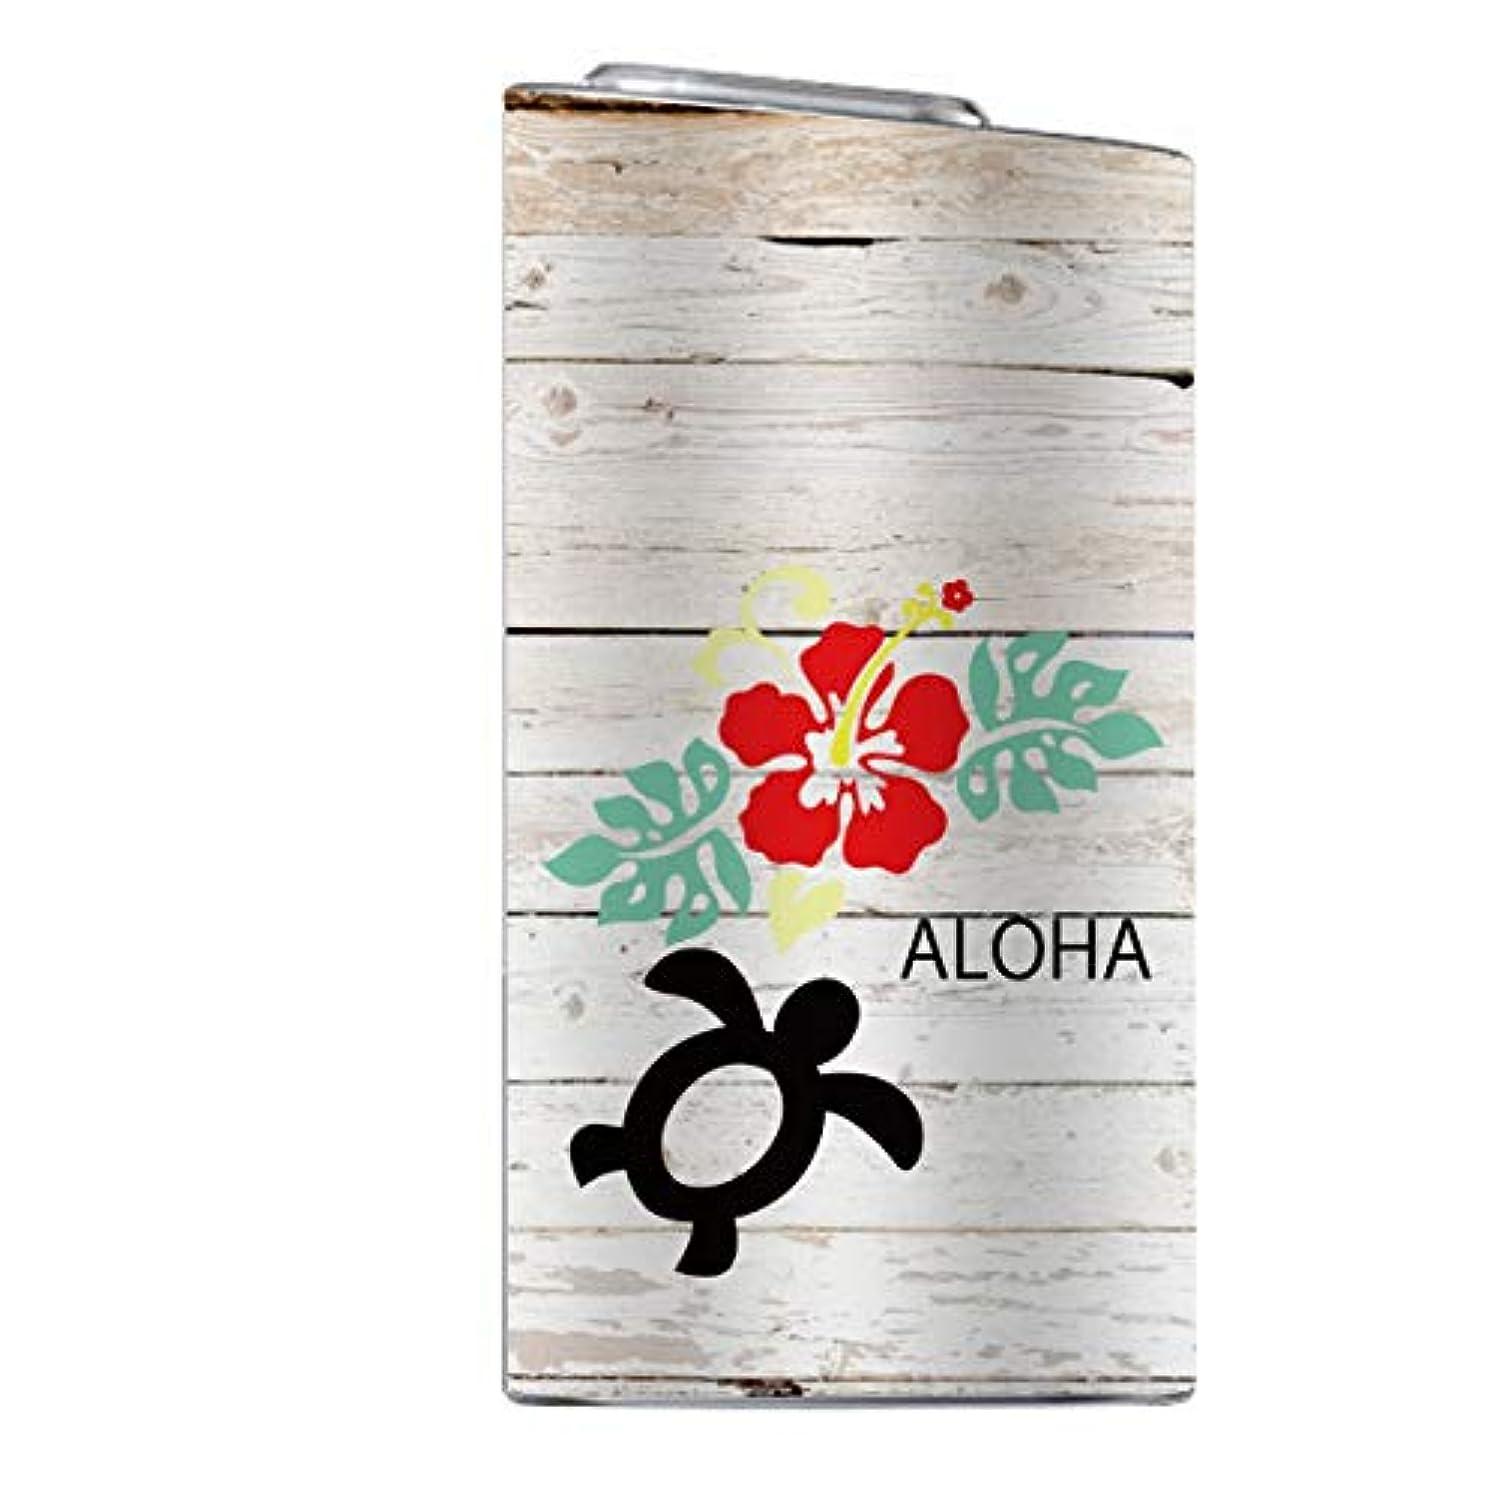 届ける給料弱いglo スキンシール 【 glo専用 】 ハワイ ハワイアン 柄 ホヌ 海外 亀 ハイビスカス ヤシの木 花柄 ボタニカル glo グロー 全面対応